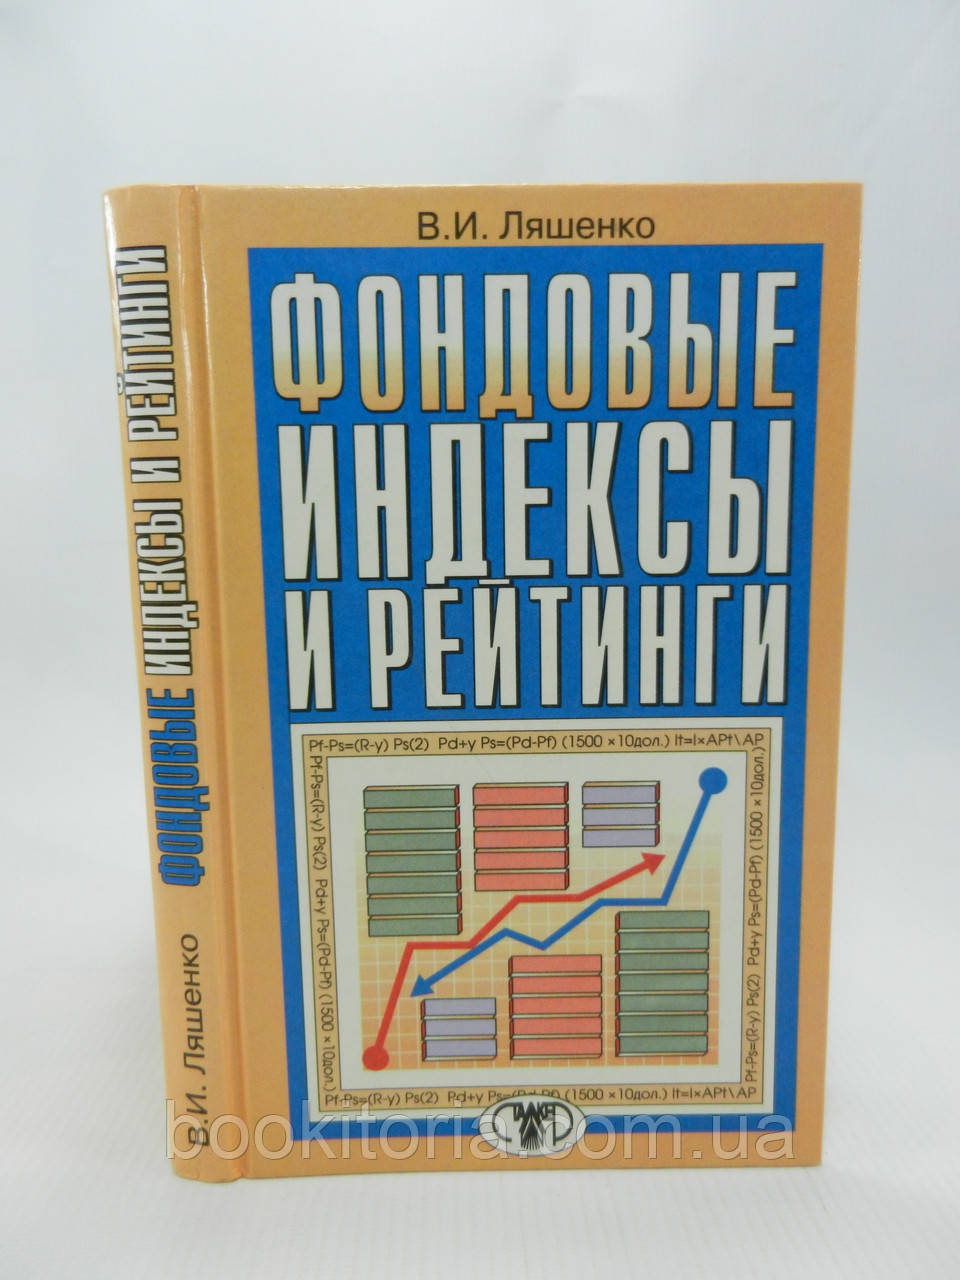 Ляшенко В. Фондовые индексы и рейтинги (б/у).